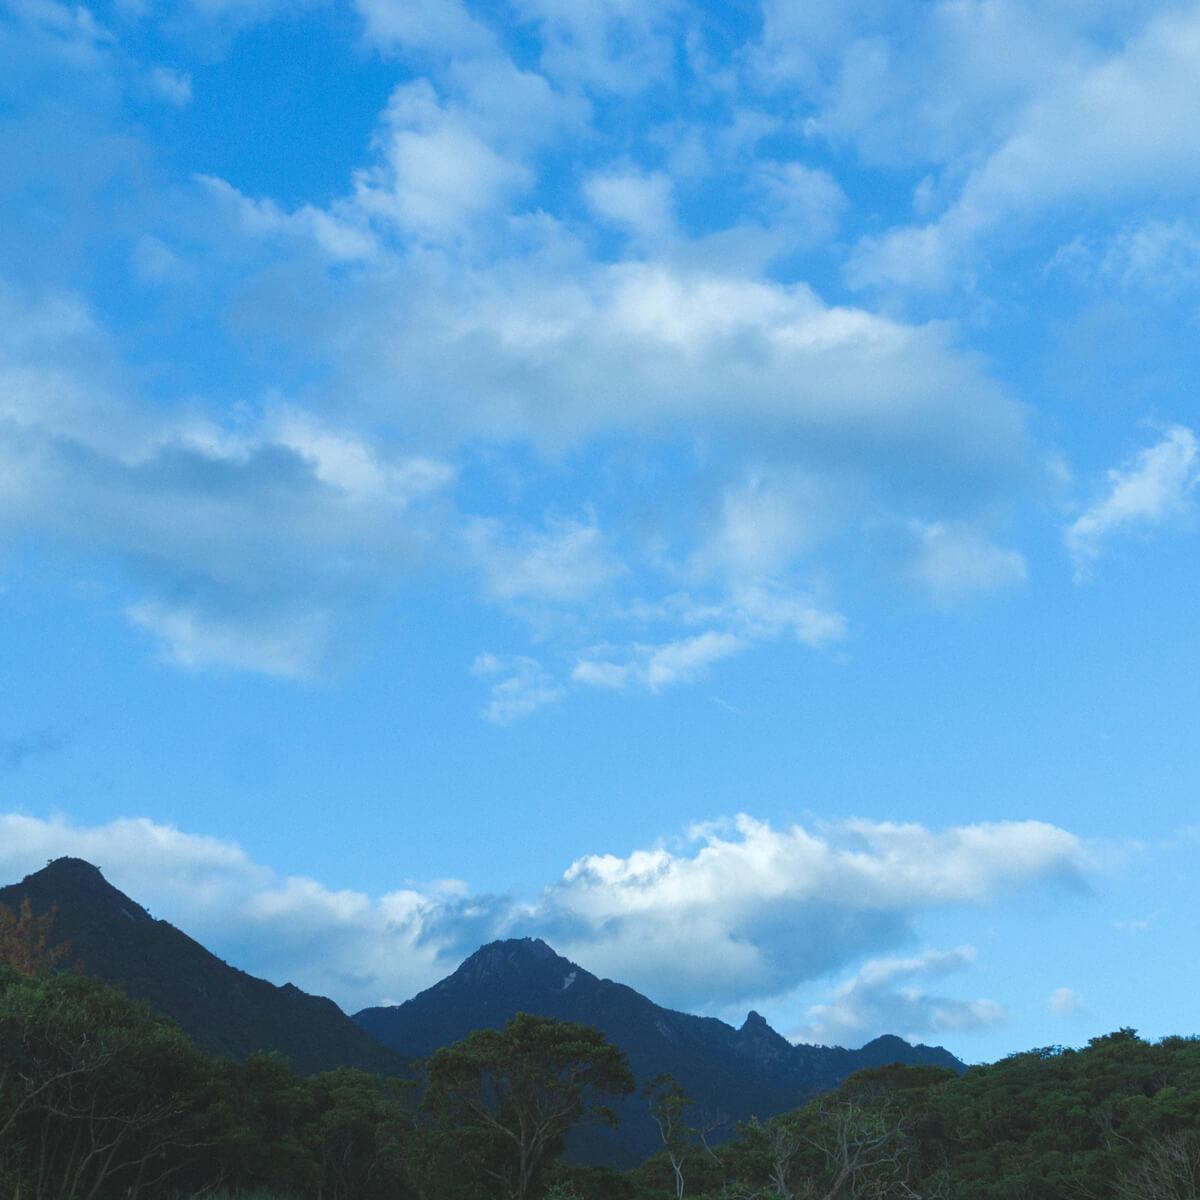 夕暮れ時 屋久島の山々 屋久島山とジュエリー オーダーメイドマリッジリングのモチーフ